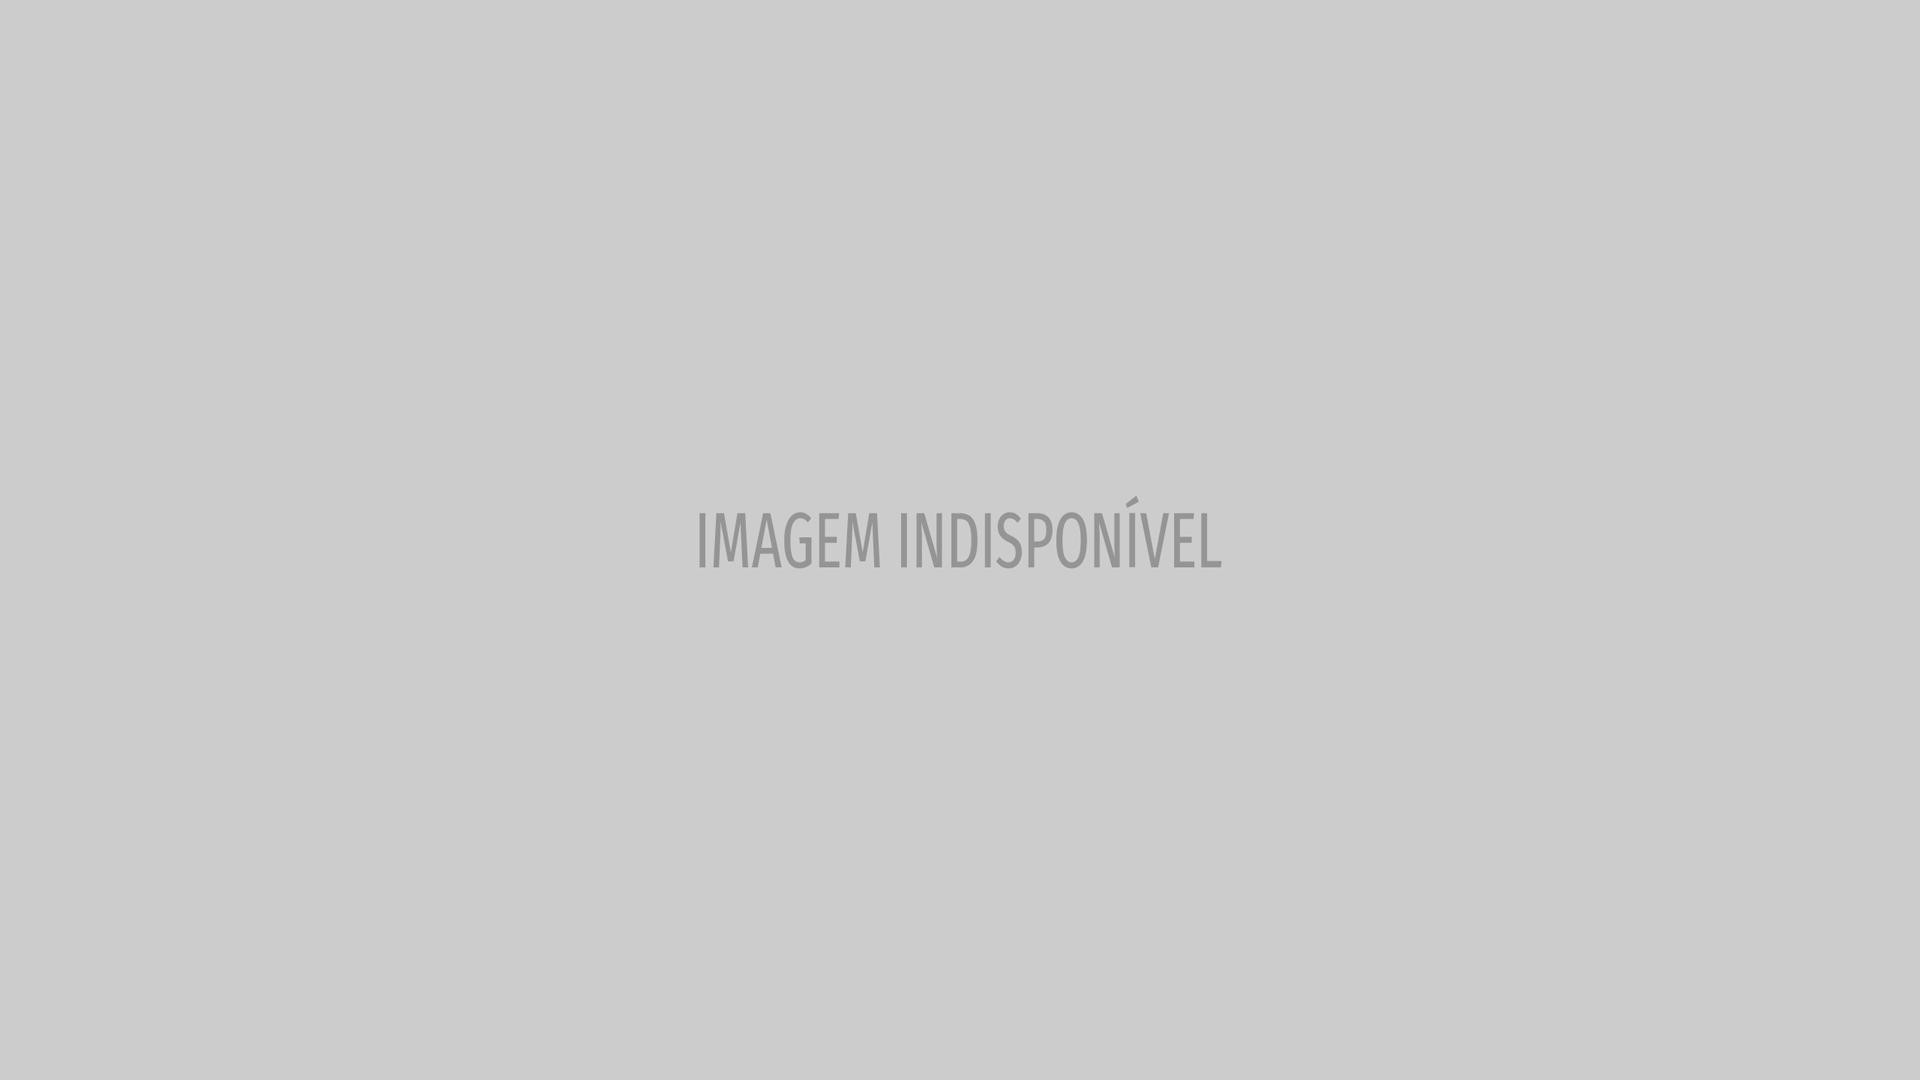 """Tony felicita a filha em dia especial: """"Ontem menina, hoje uma mulher"""""""